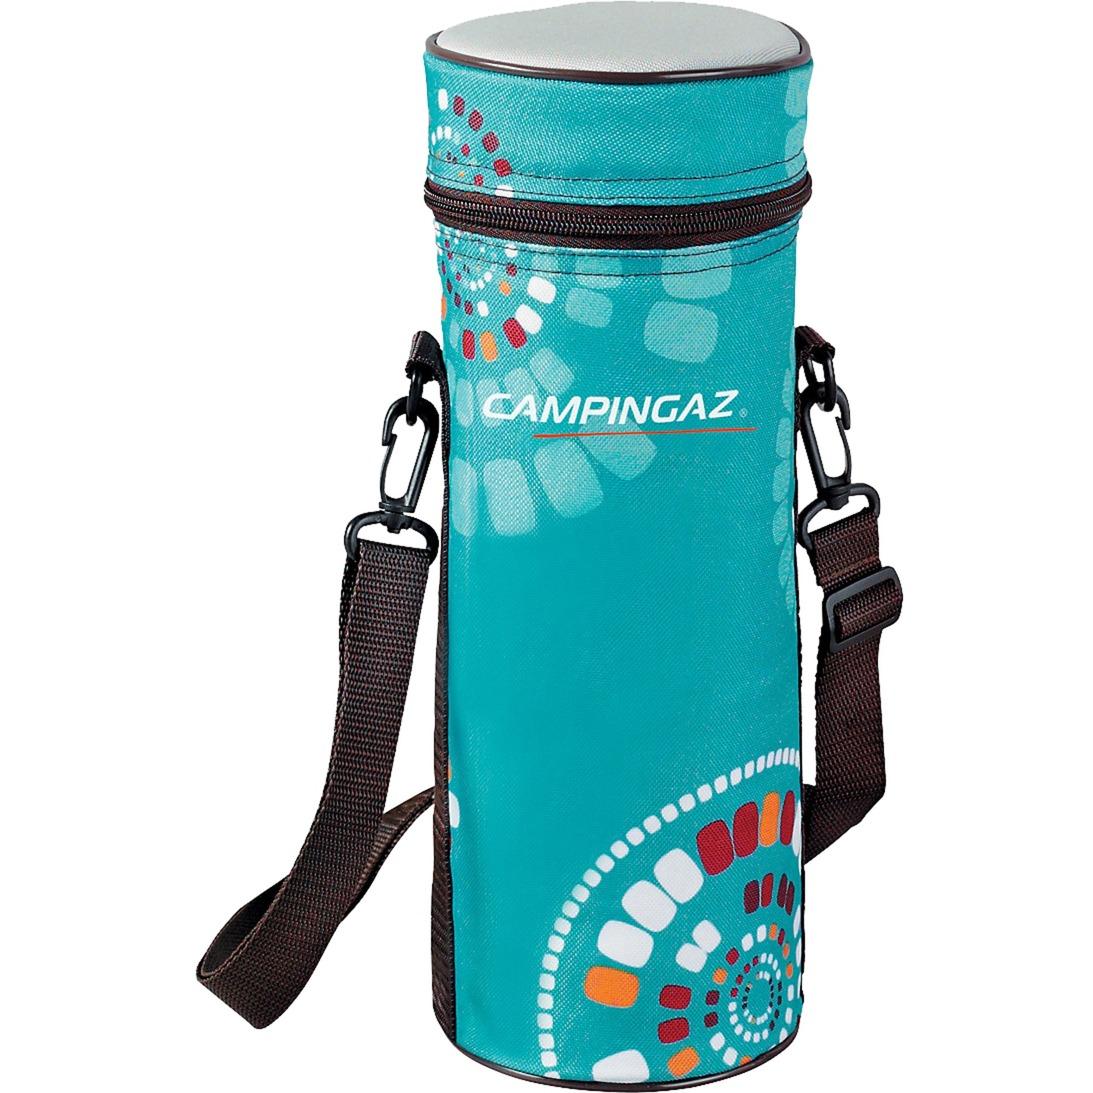 2000032468, Cooler bag